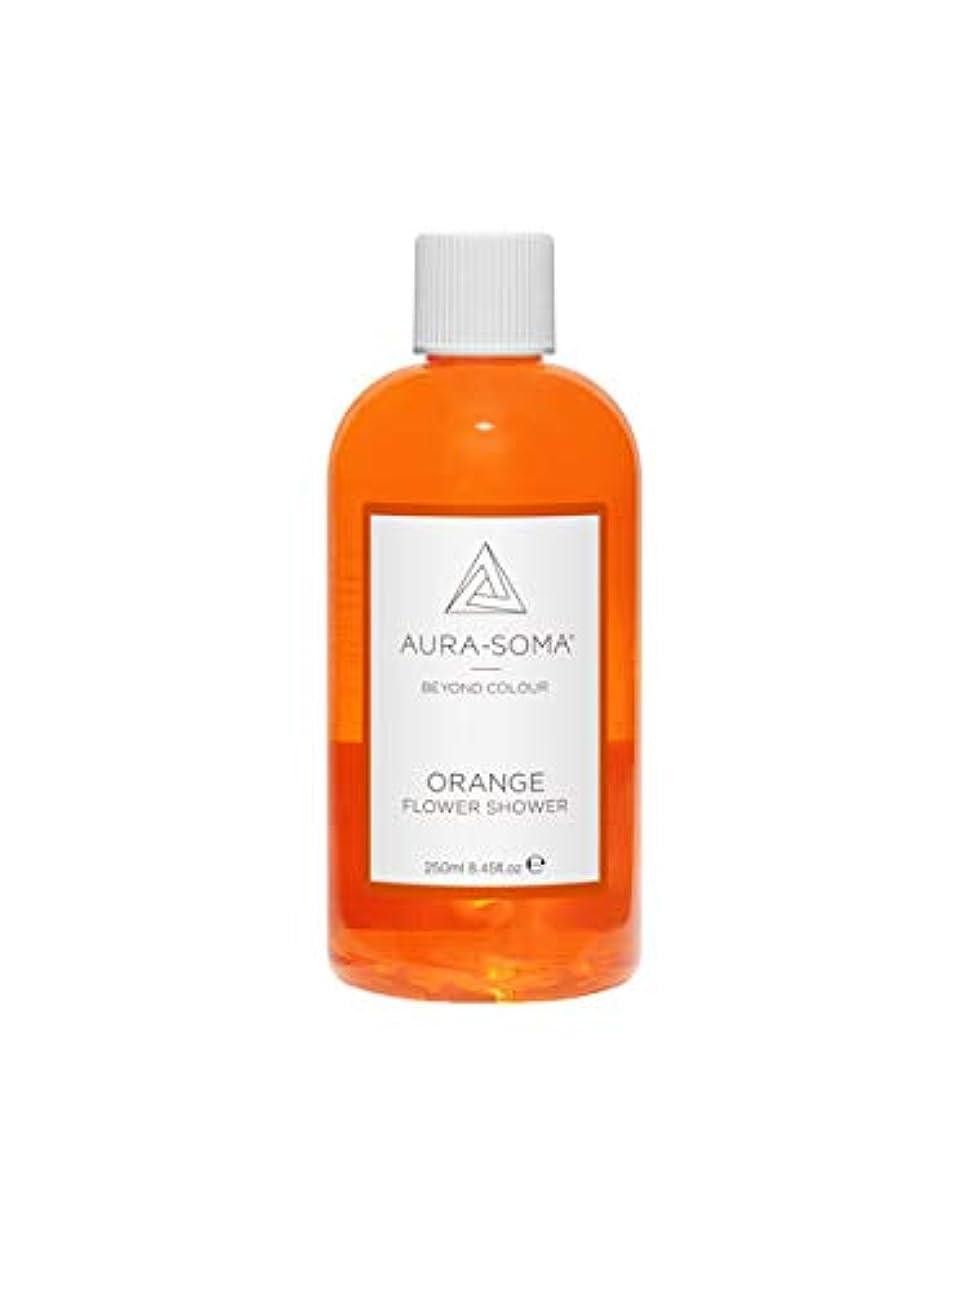 混雑ぬるい理解するフラワーシャワー 250ml オレンジ